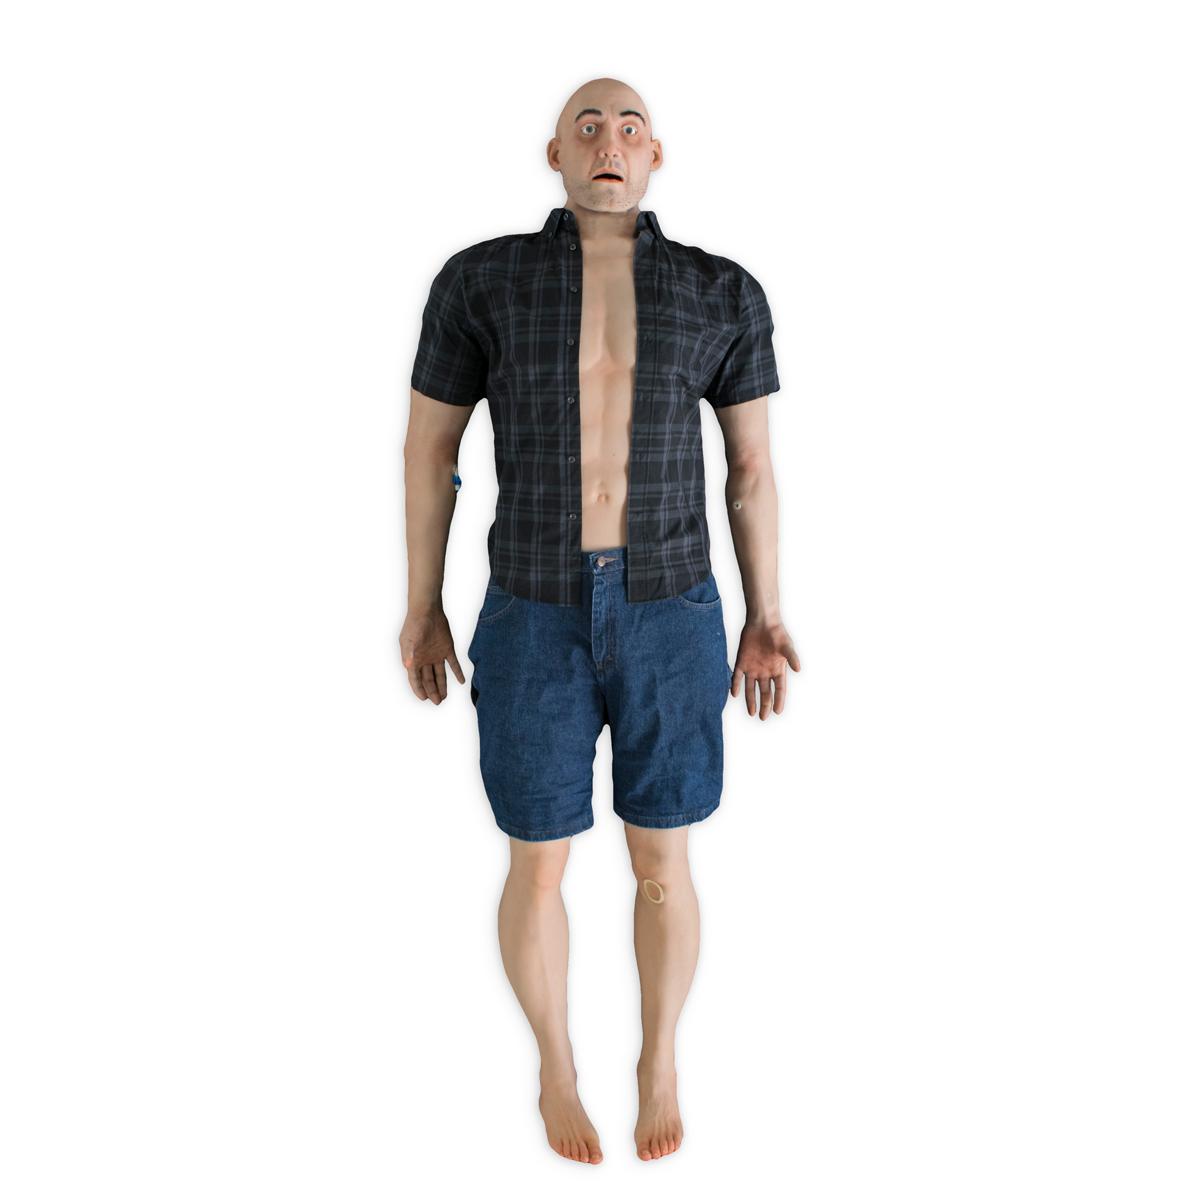 Excelente Adam Software Anatomy Viñeta - Anatomía de Las Imágenesdel ...